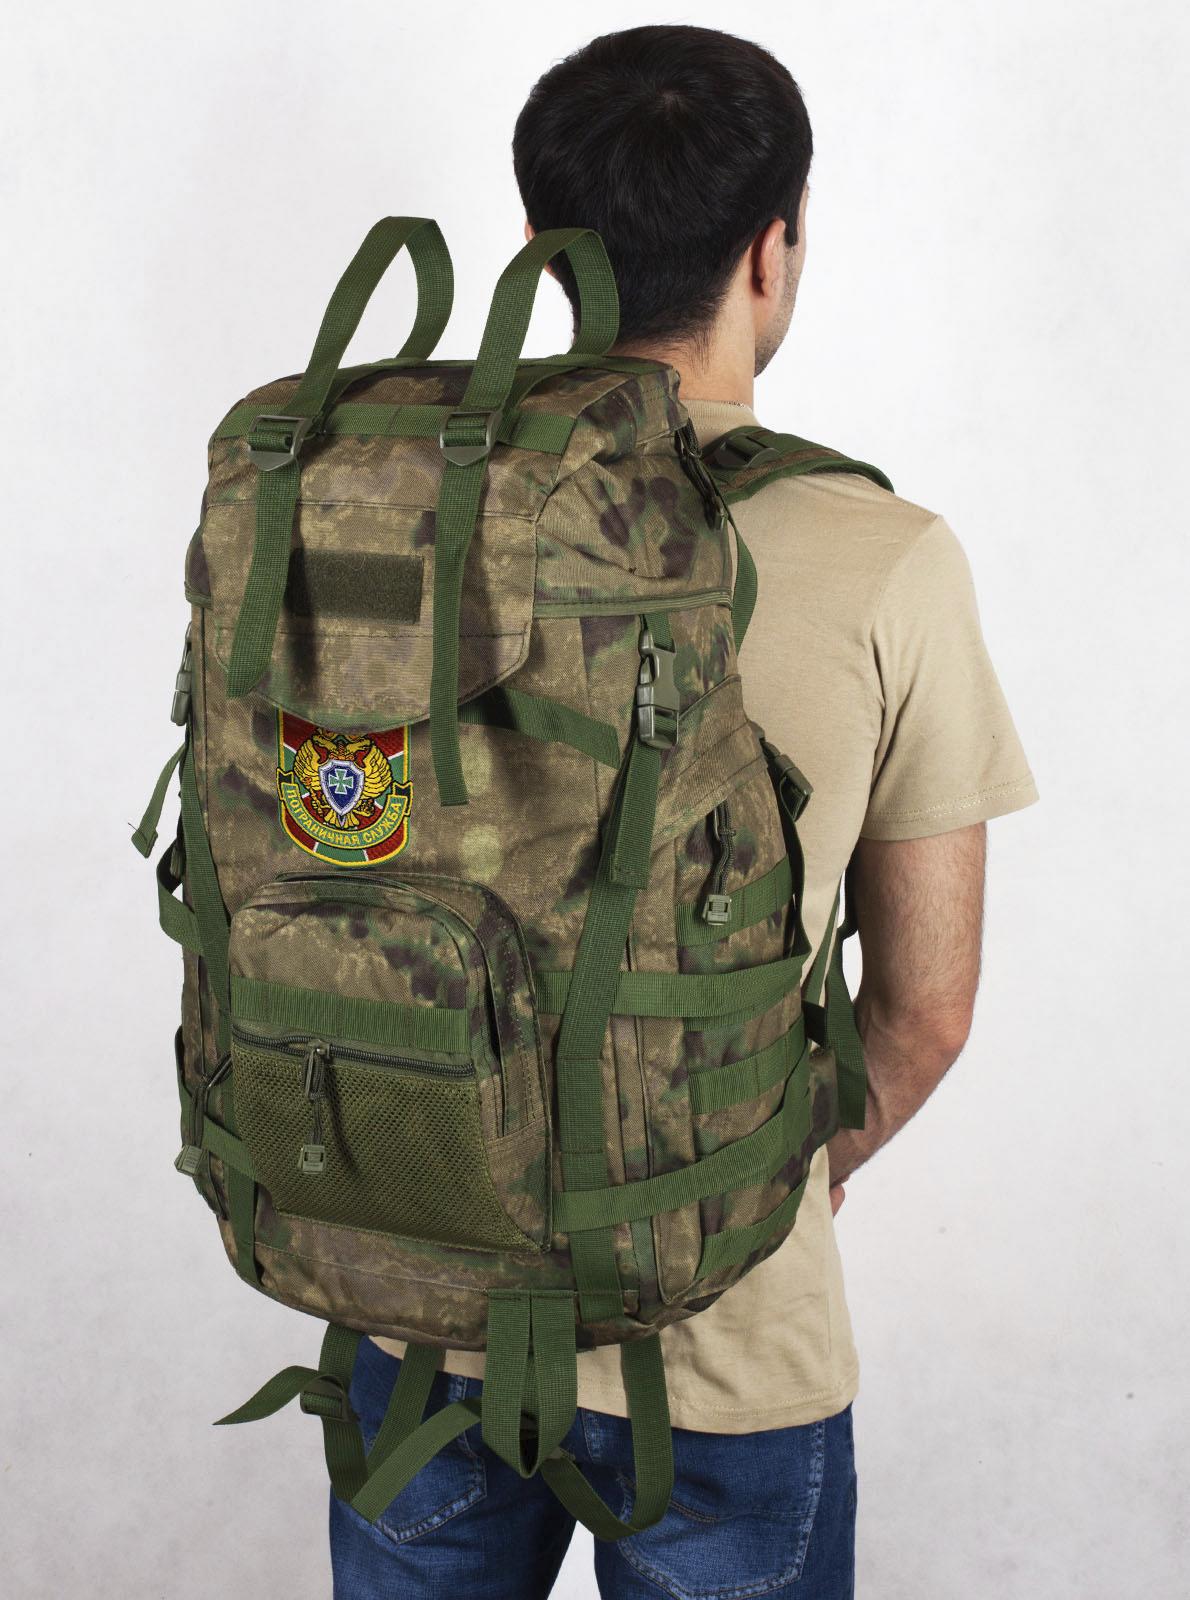 Тактический военный рюкзак MultiCam A-TACS FG Погранслужба - купить по низкой цене